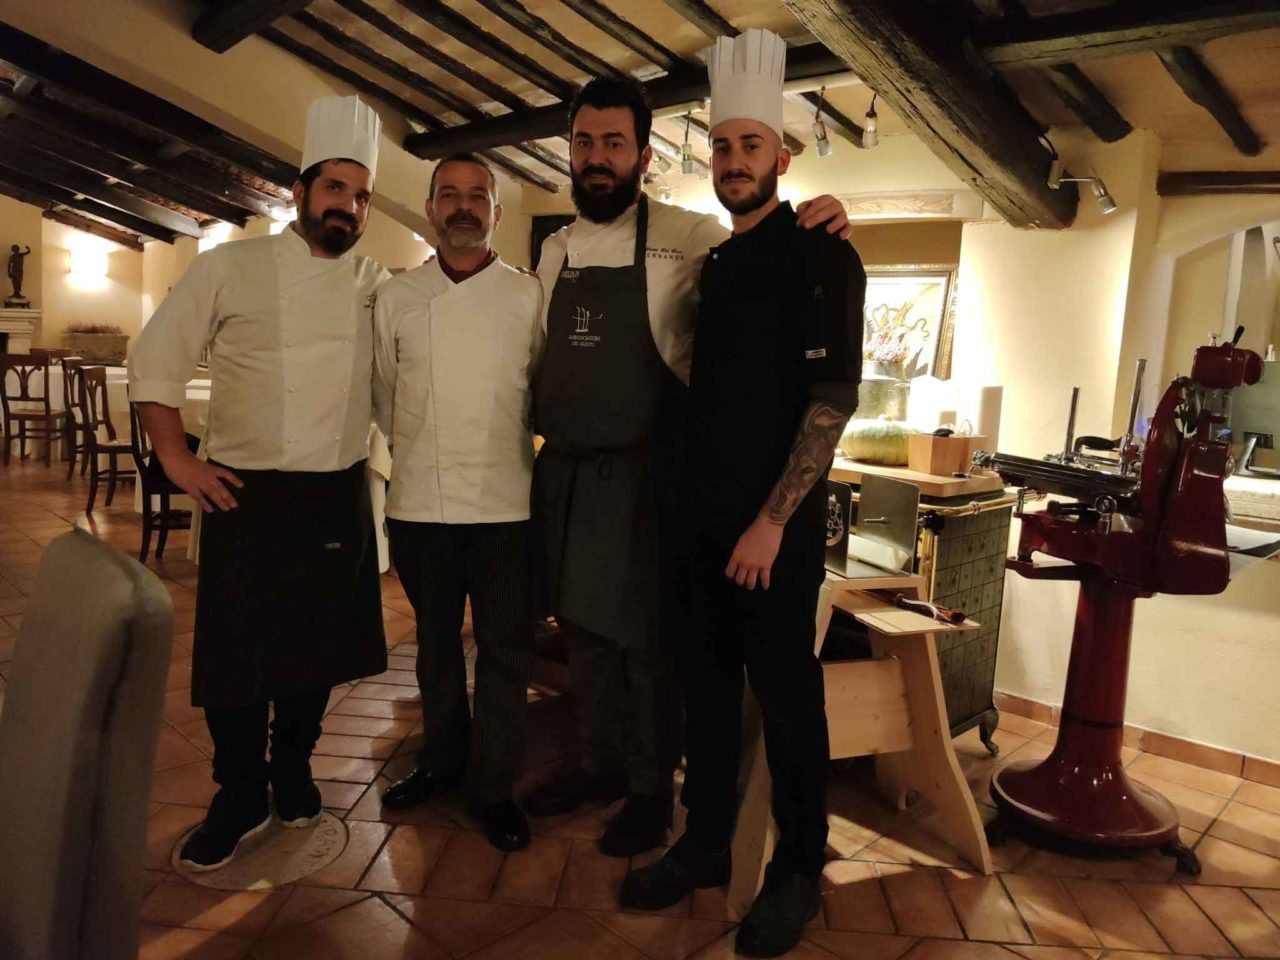 osteria moderna con ottima cucina a roma